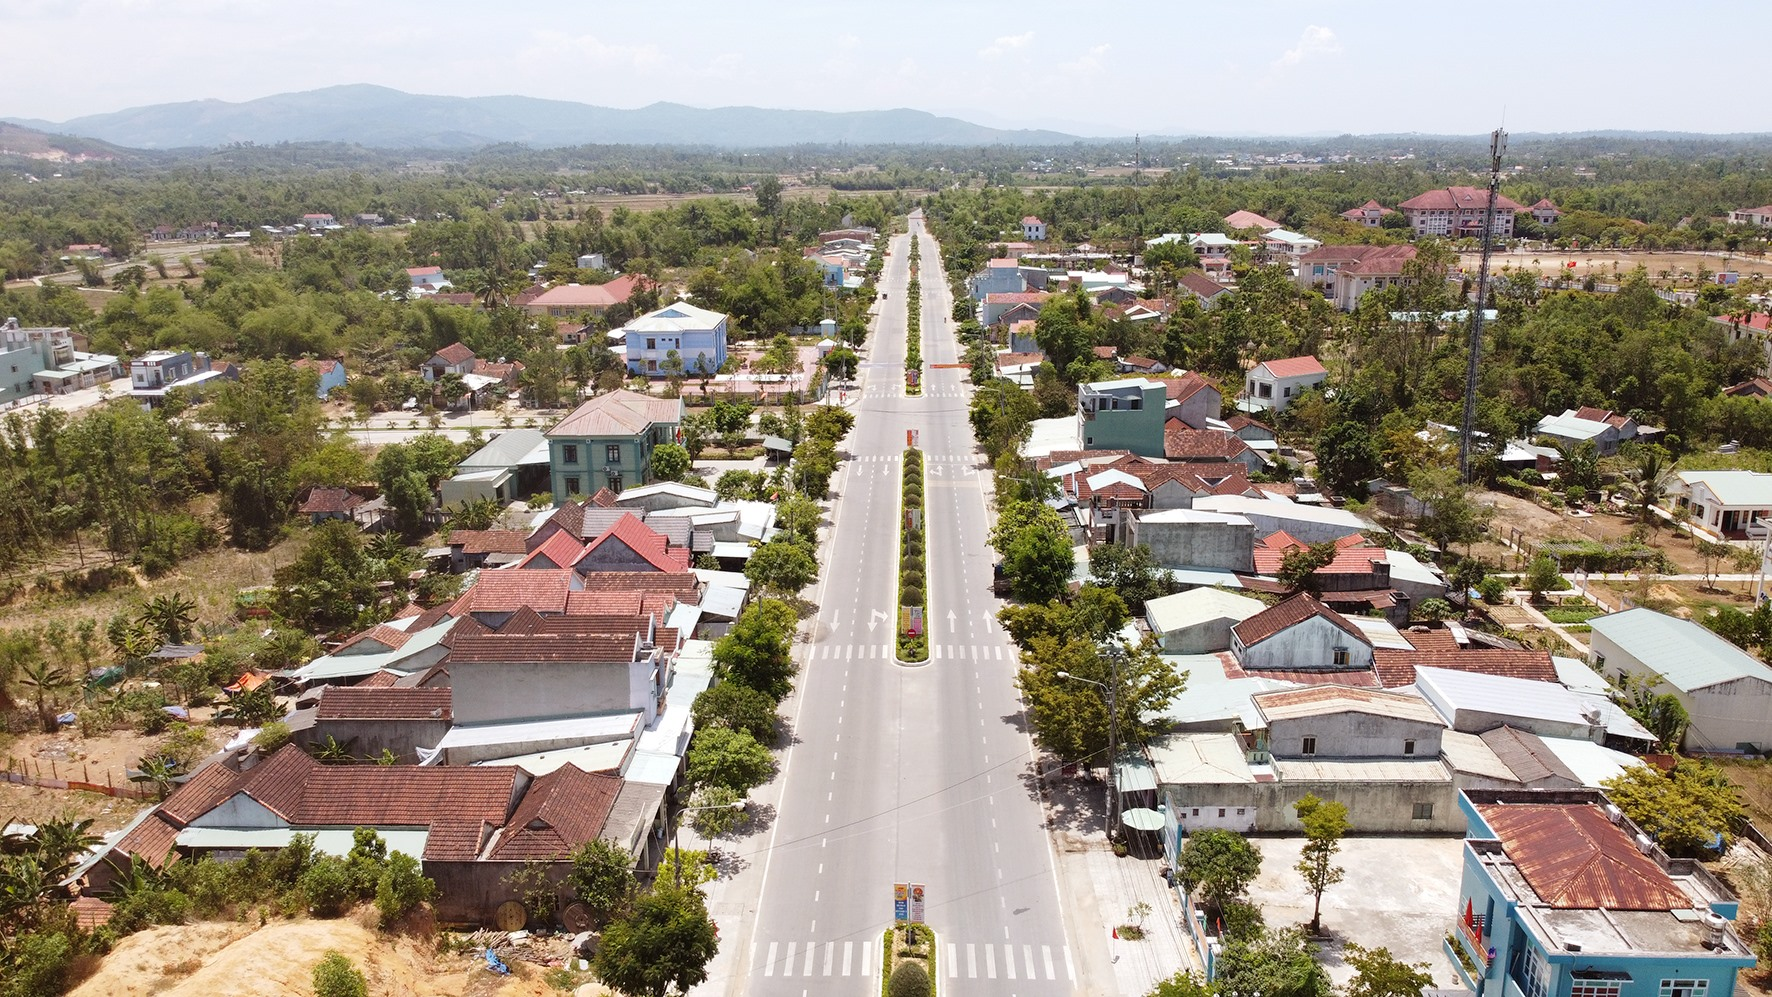 Phú Ninh cần nỗ lực nhiều hơn để phát triển, nâng tầm huyện nông thôn mới. Trong ảnh: Thị trấn Phú Thịnh nhìn từ trên cao.Ảnh: PHƯƠNG THẢO